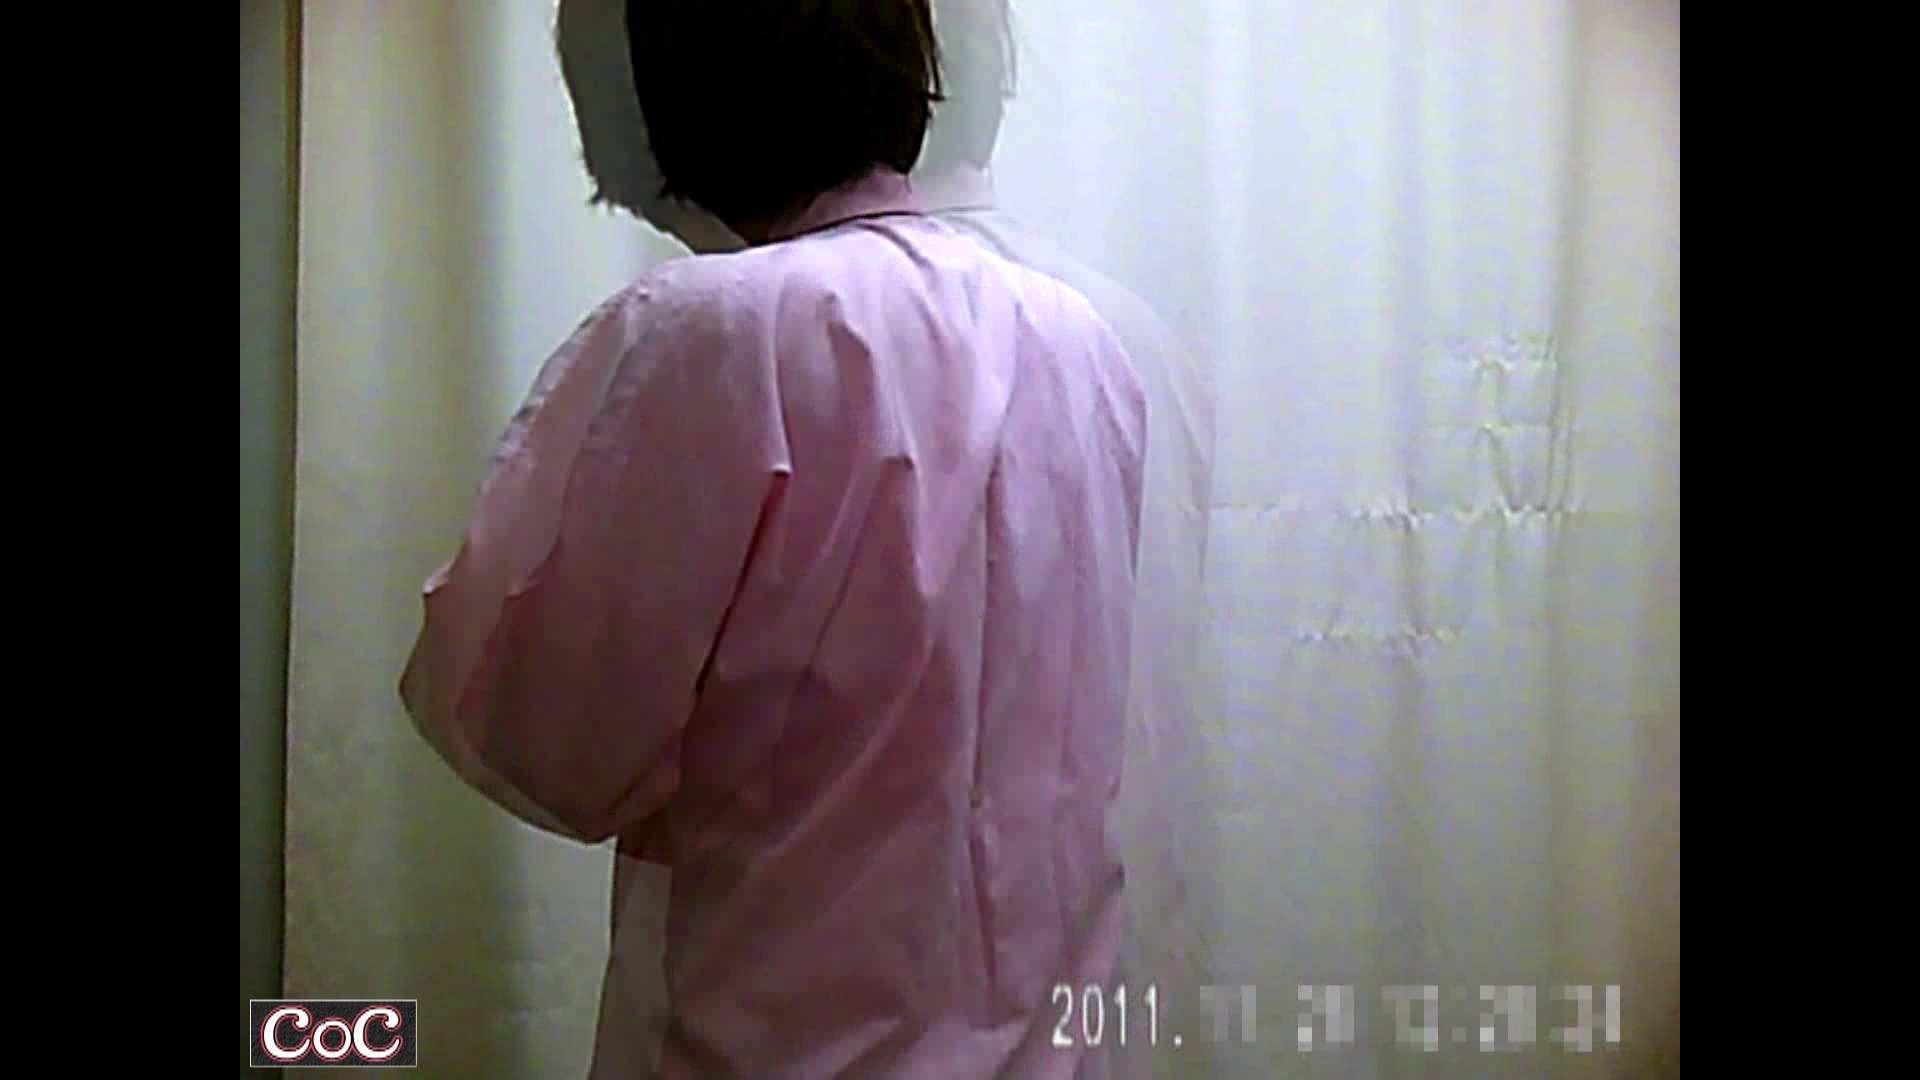 元医者による反抗 更衣室地獄絵巻 vol.191 OL | 0  87連発 5